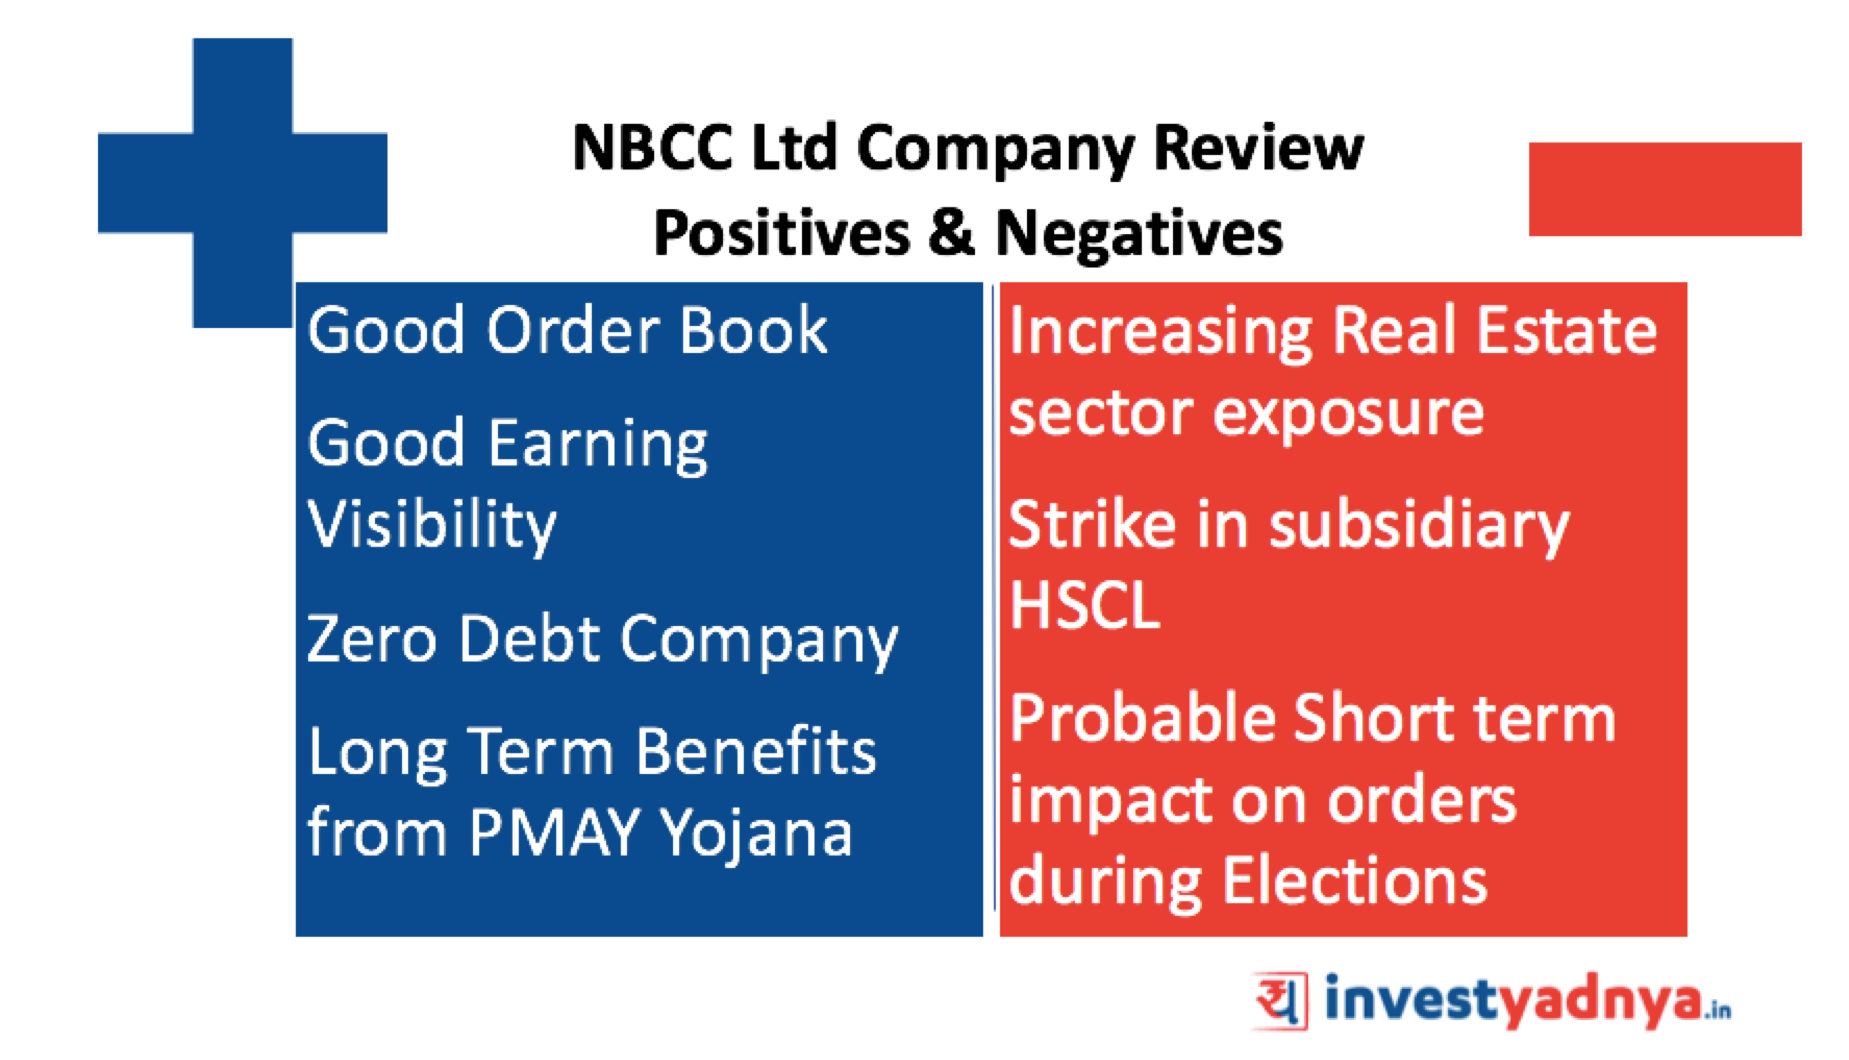 NBCC stock analysis